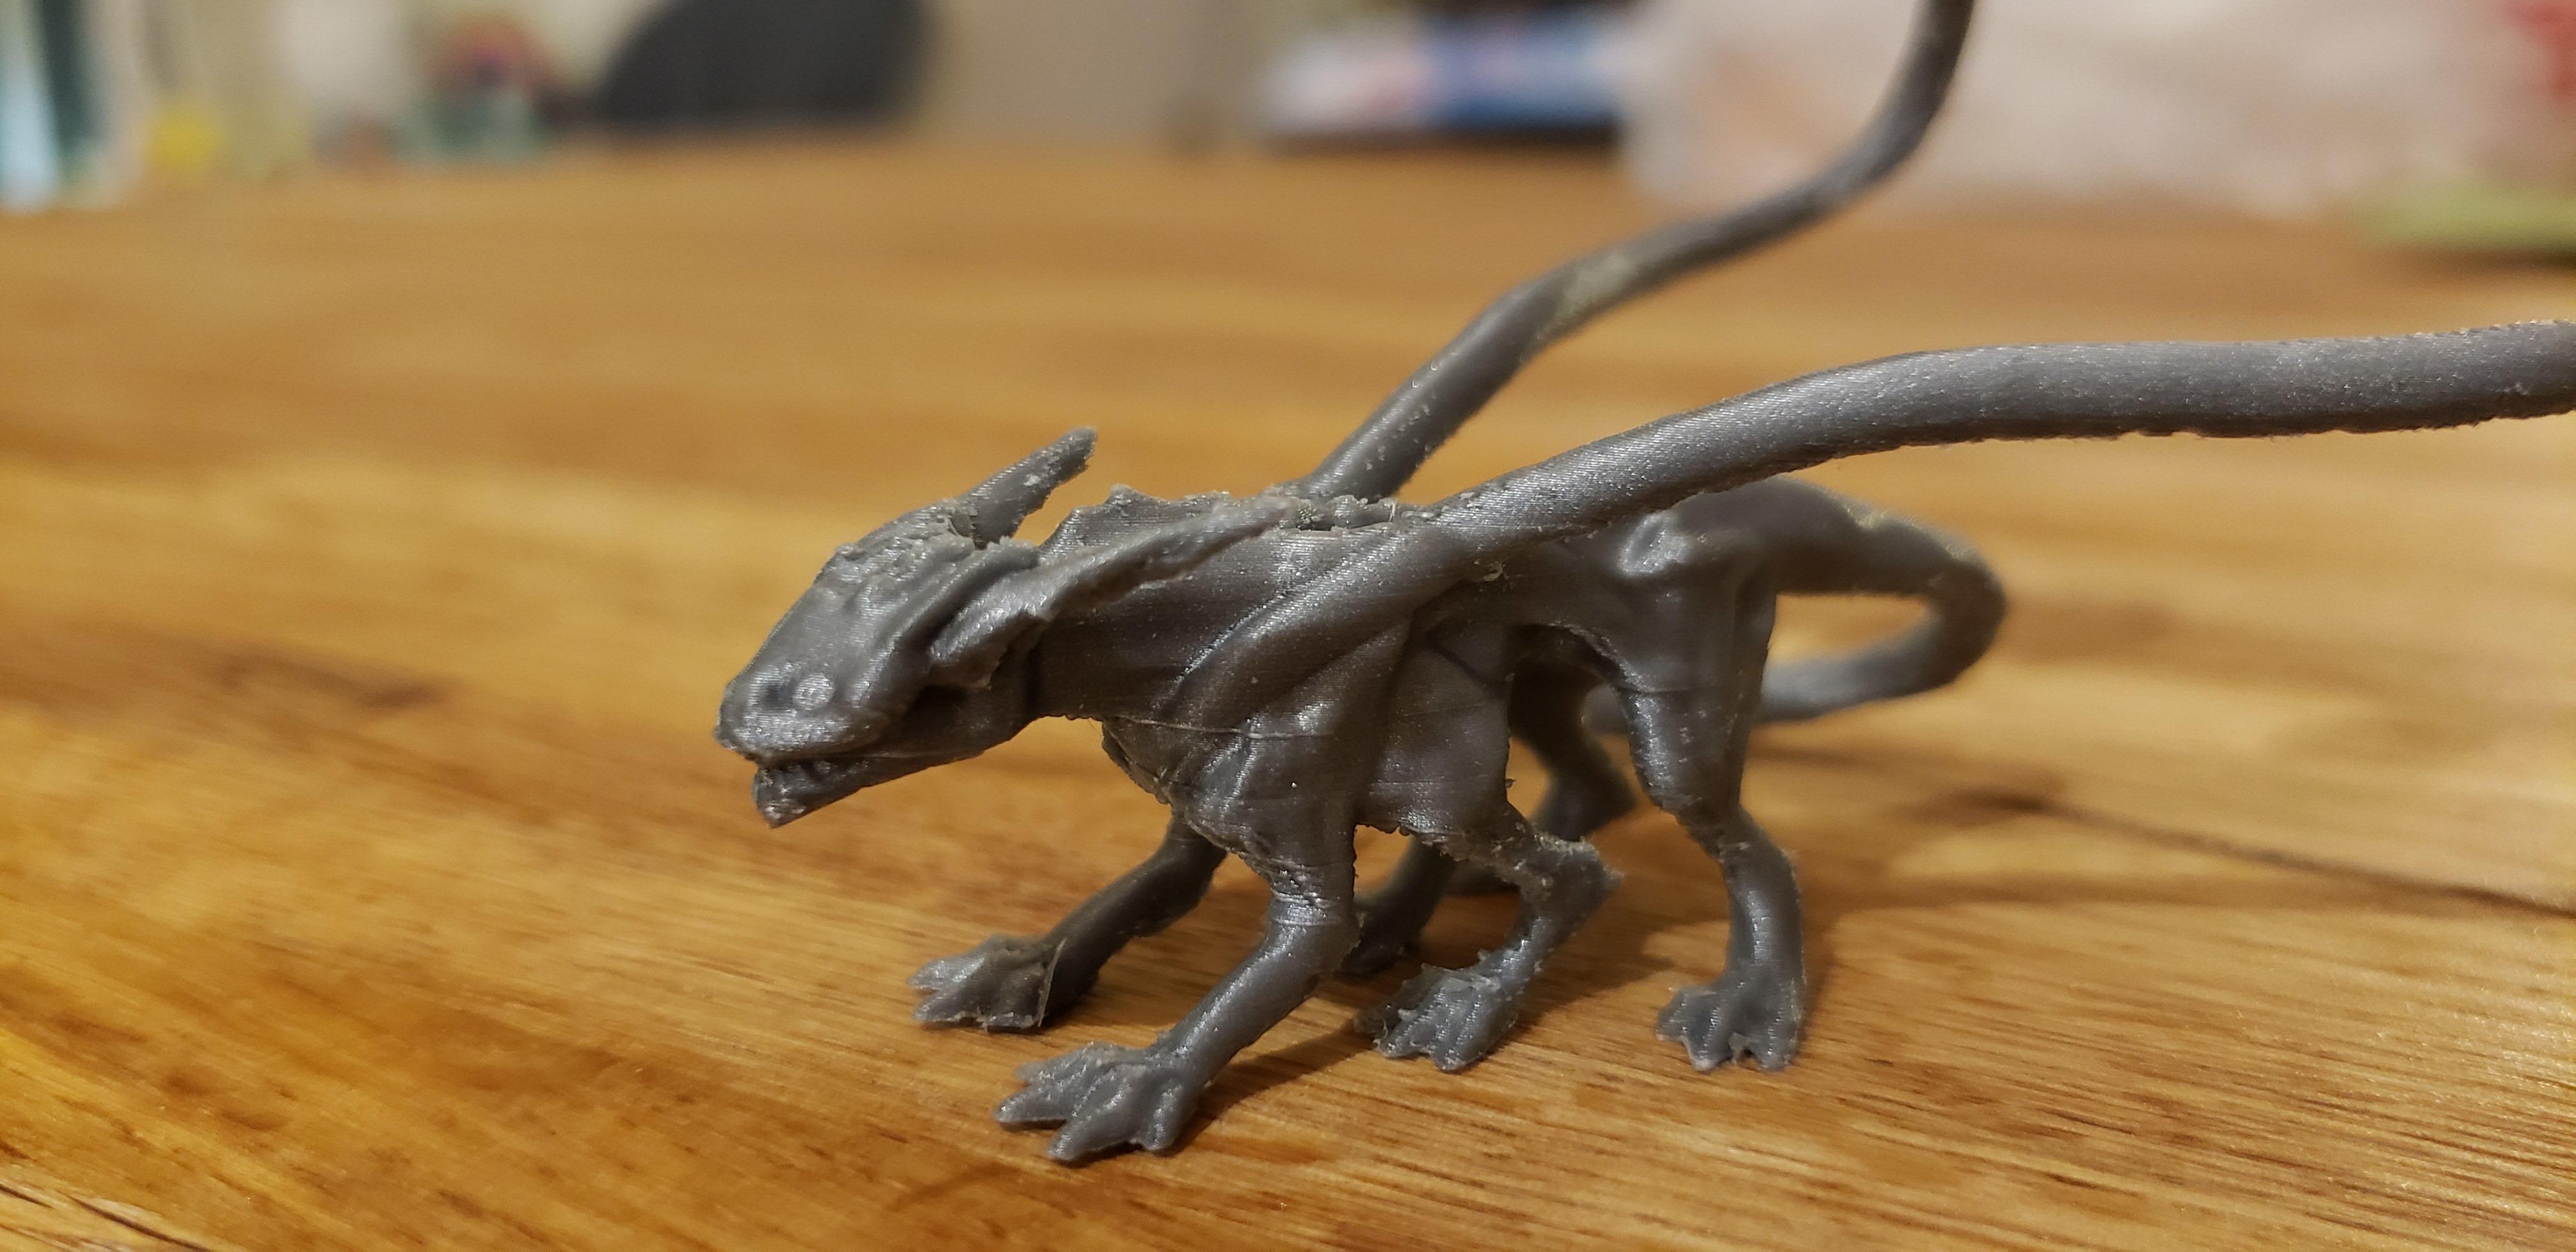 20190717_213134.jpg Download free STL file Displacer Beast • 3D printer design, beldolor